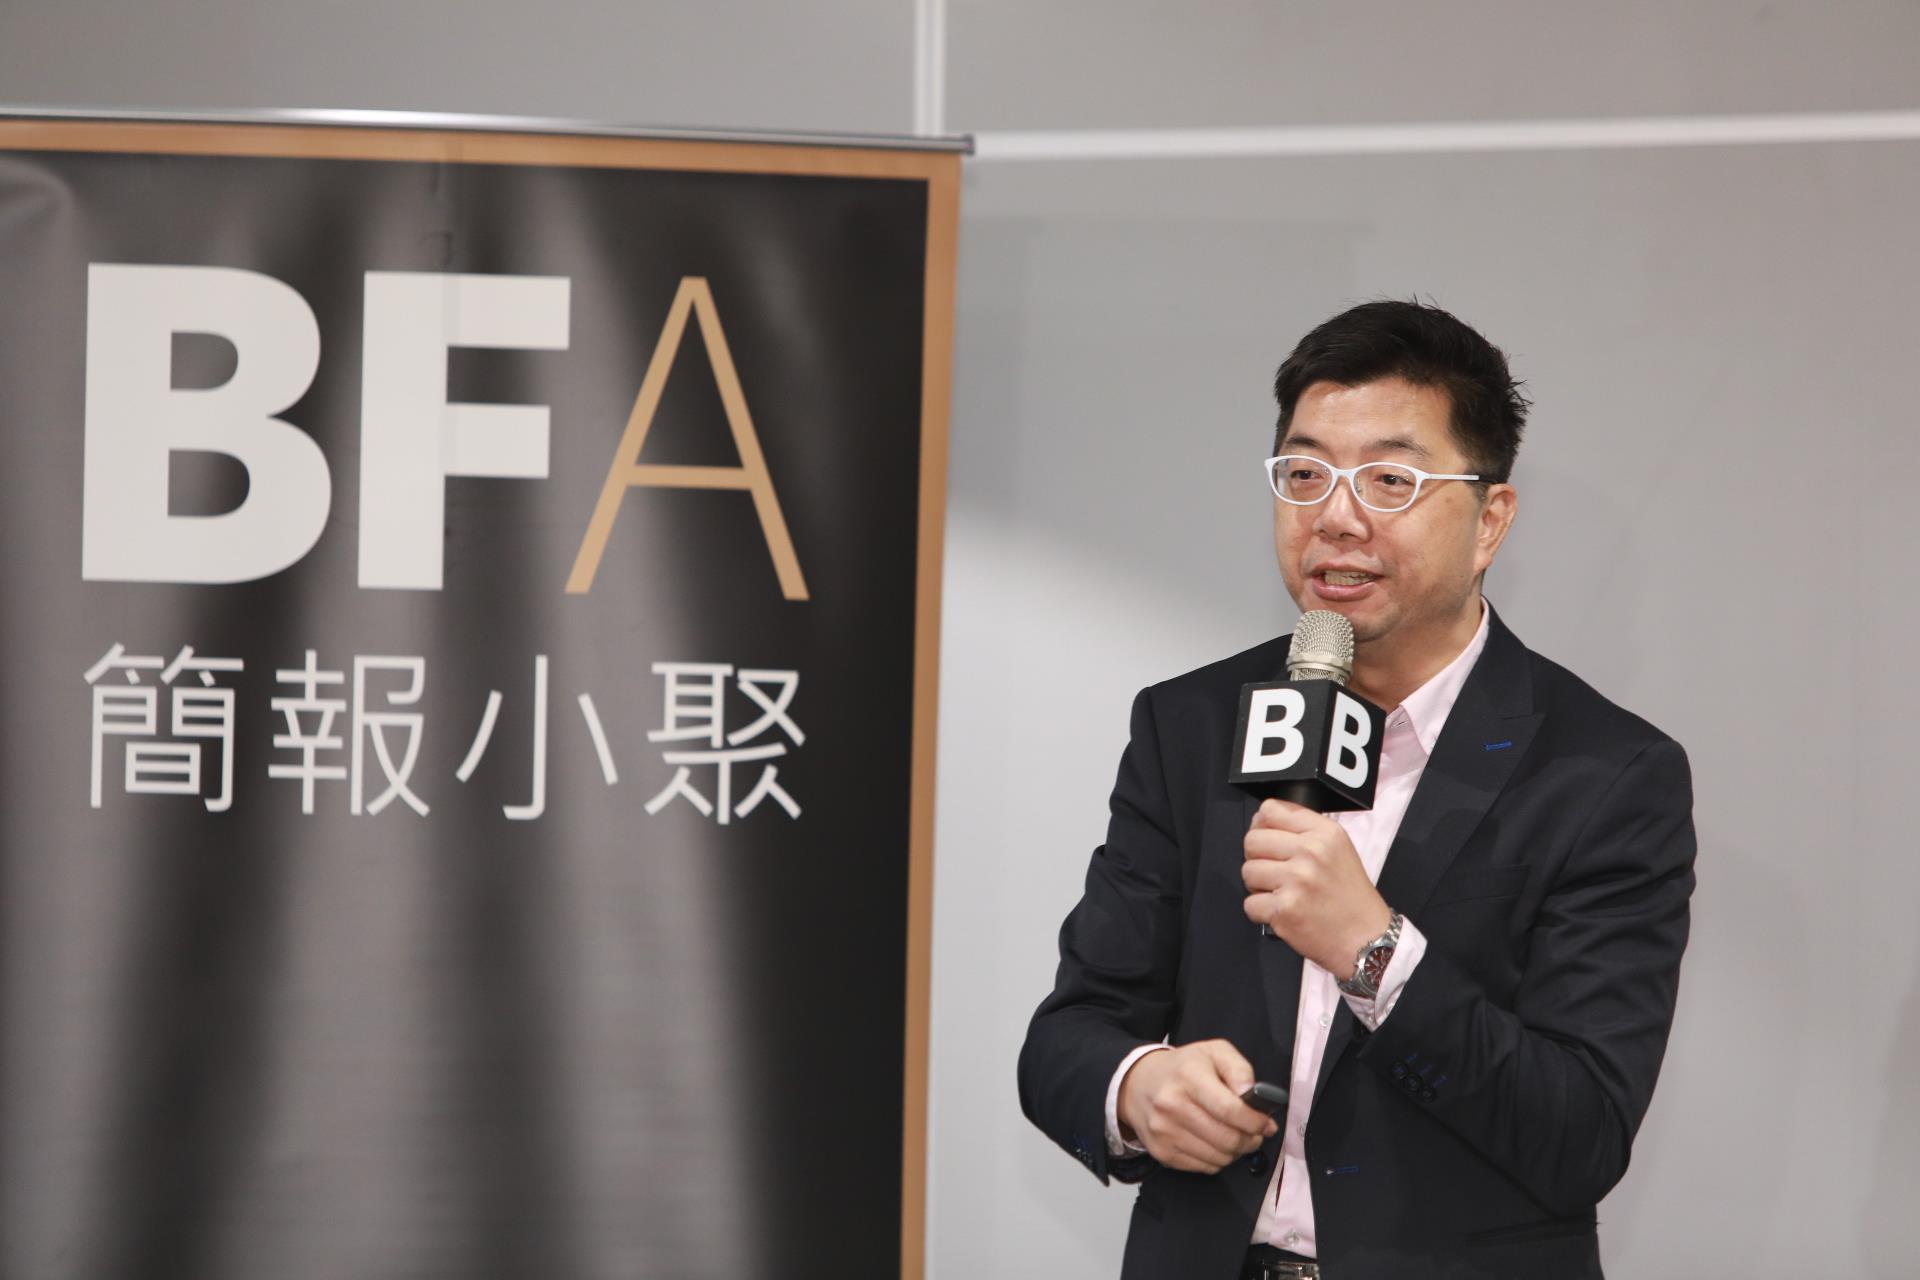 卓越華人訓練團隊策略總監 林家泰: 談判三秘訣